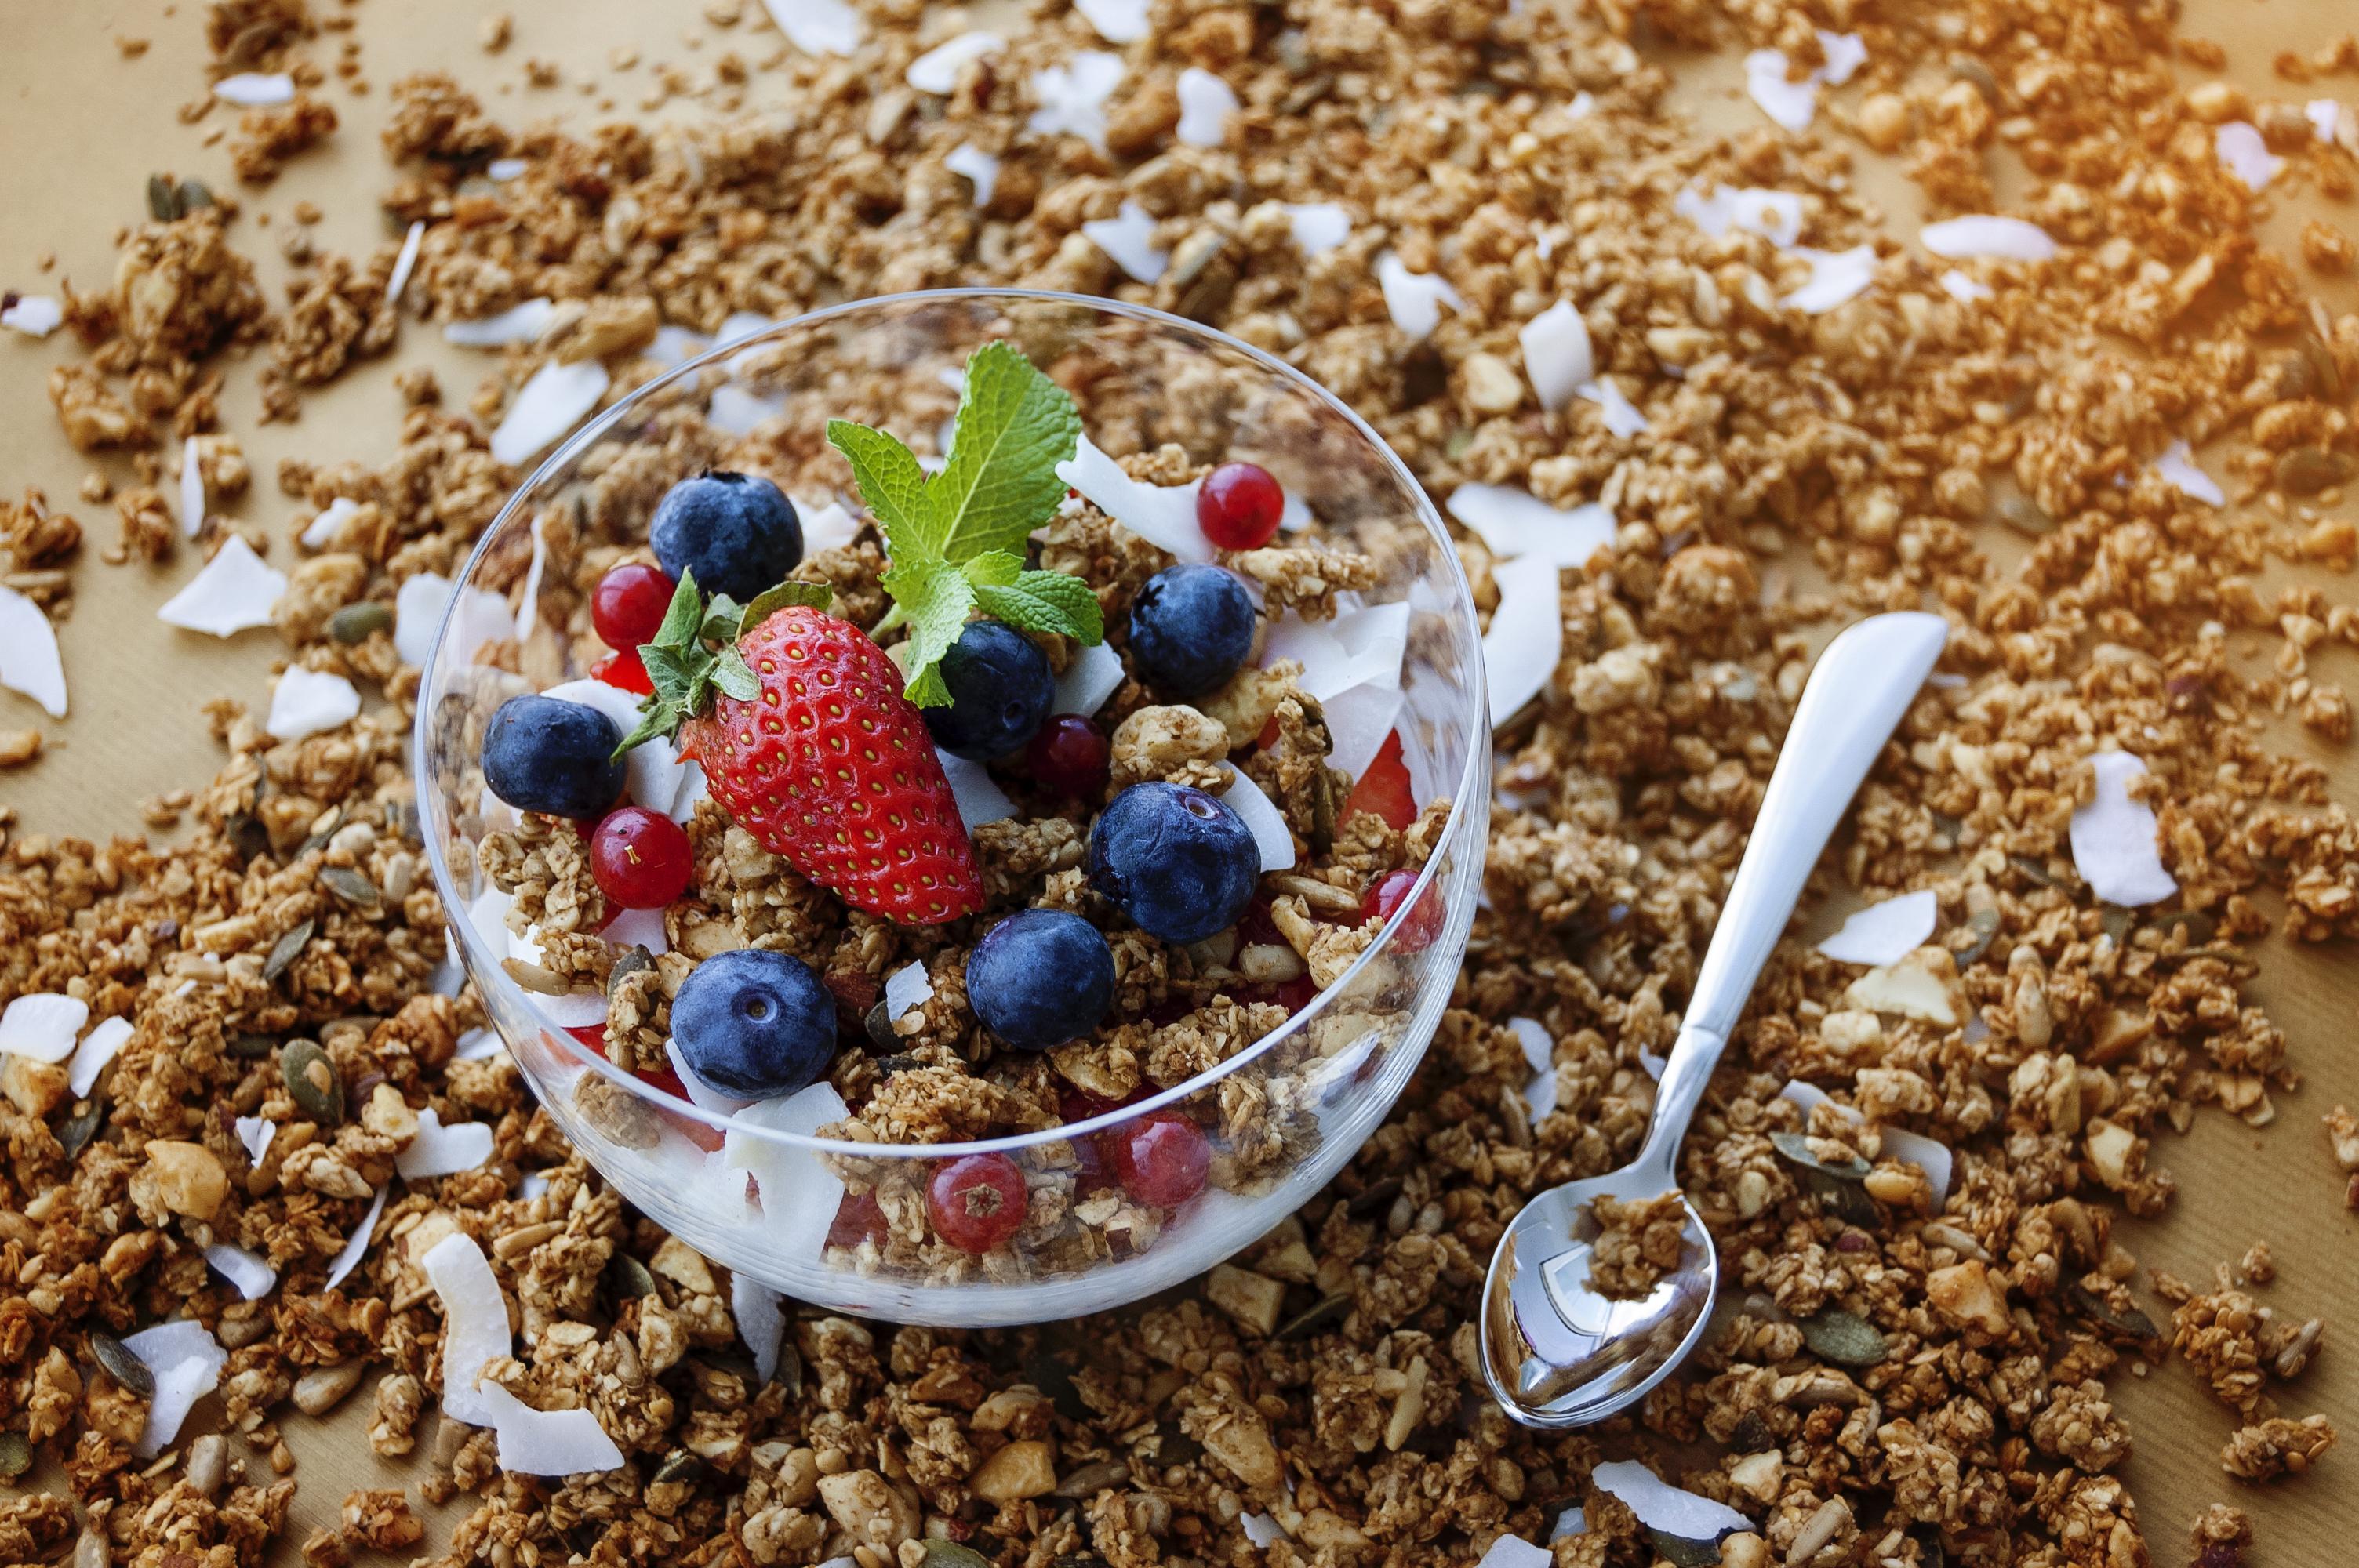 Бесплатные стоковые фото на тему вкусный, гранола, диета